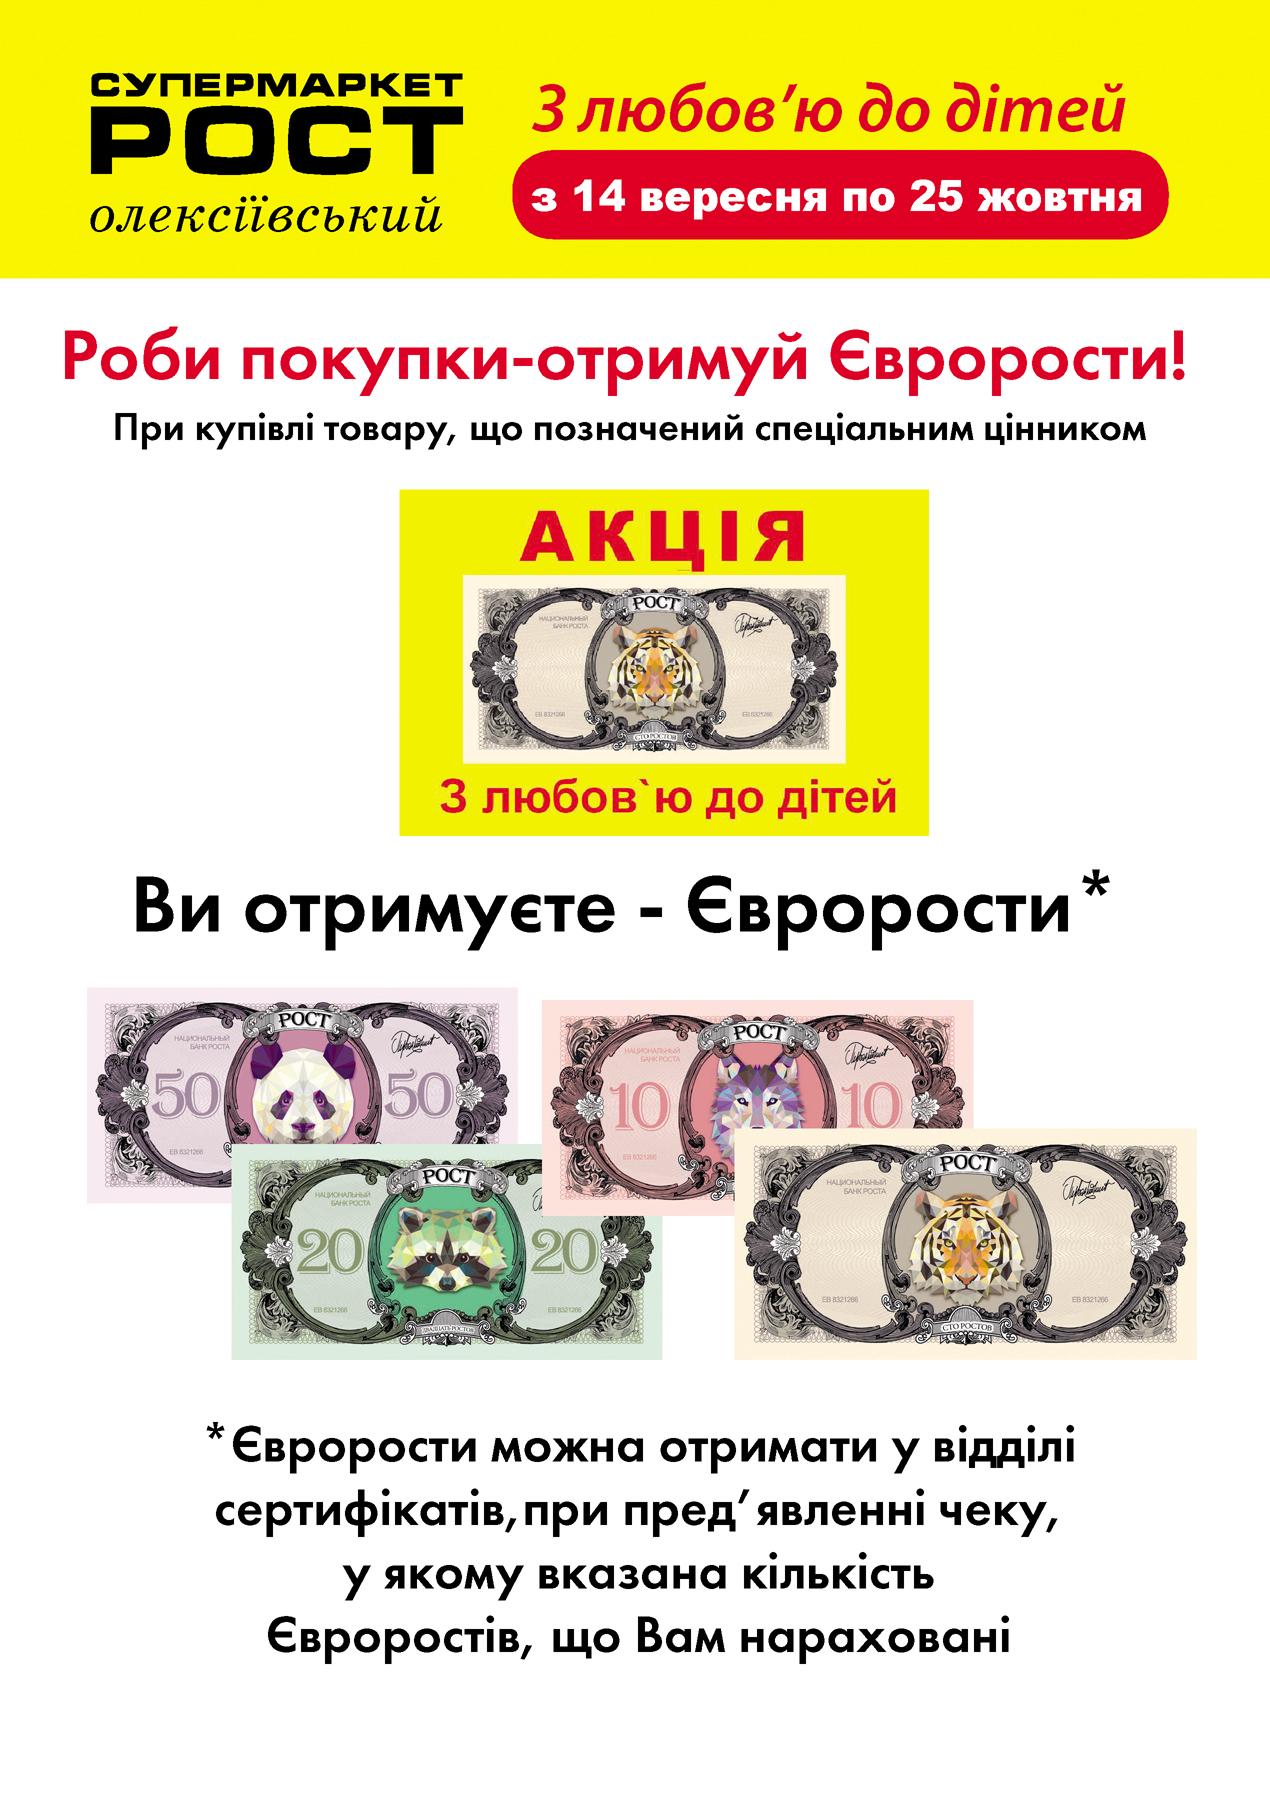 evrorosty_2020_print_page1